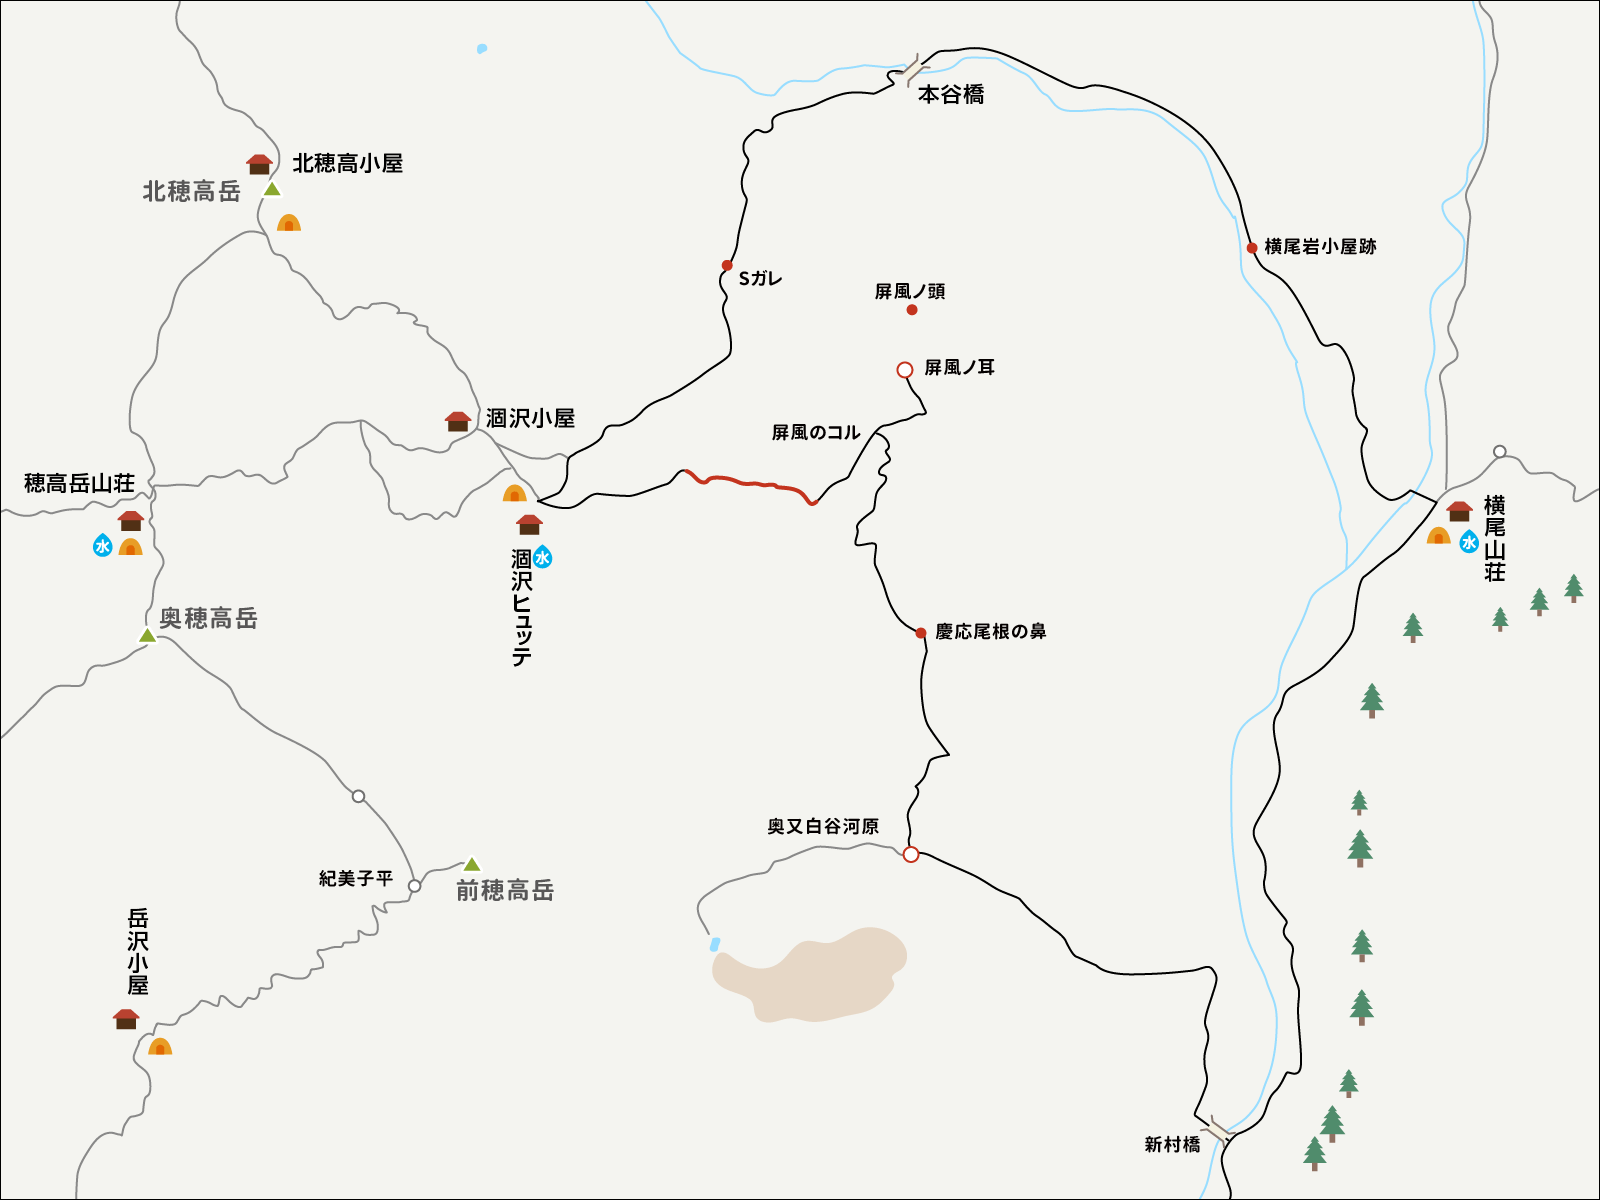 涸沢パノラマコースのイラストマップ2